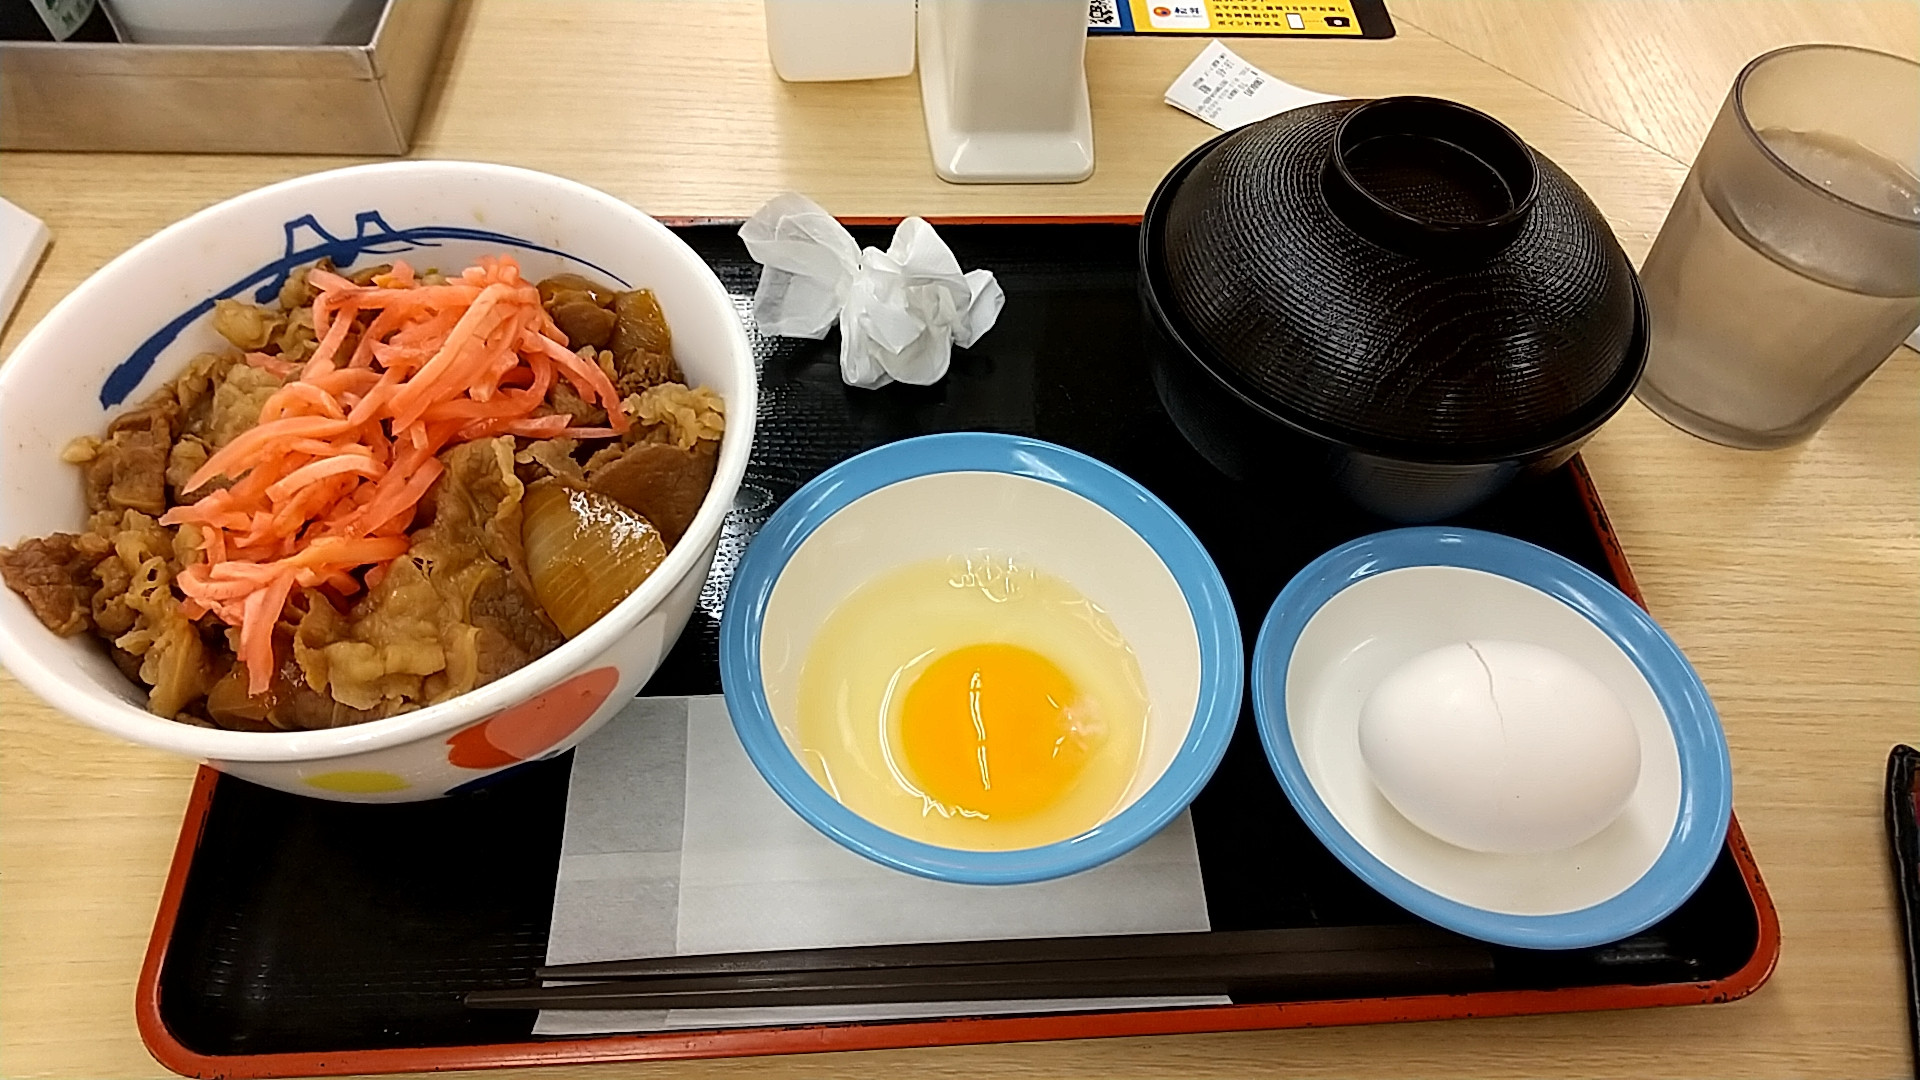 【速報】入院中ワッイ、病院を抜け出して松屋で牛丼を食べてしまう